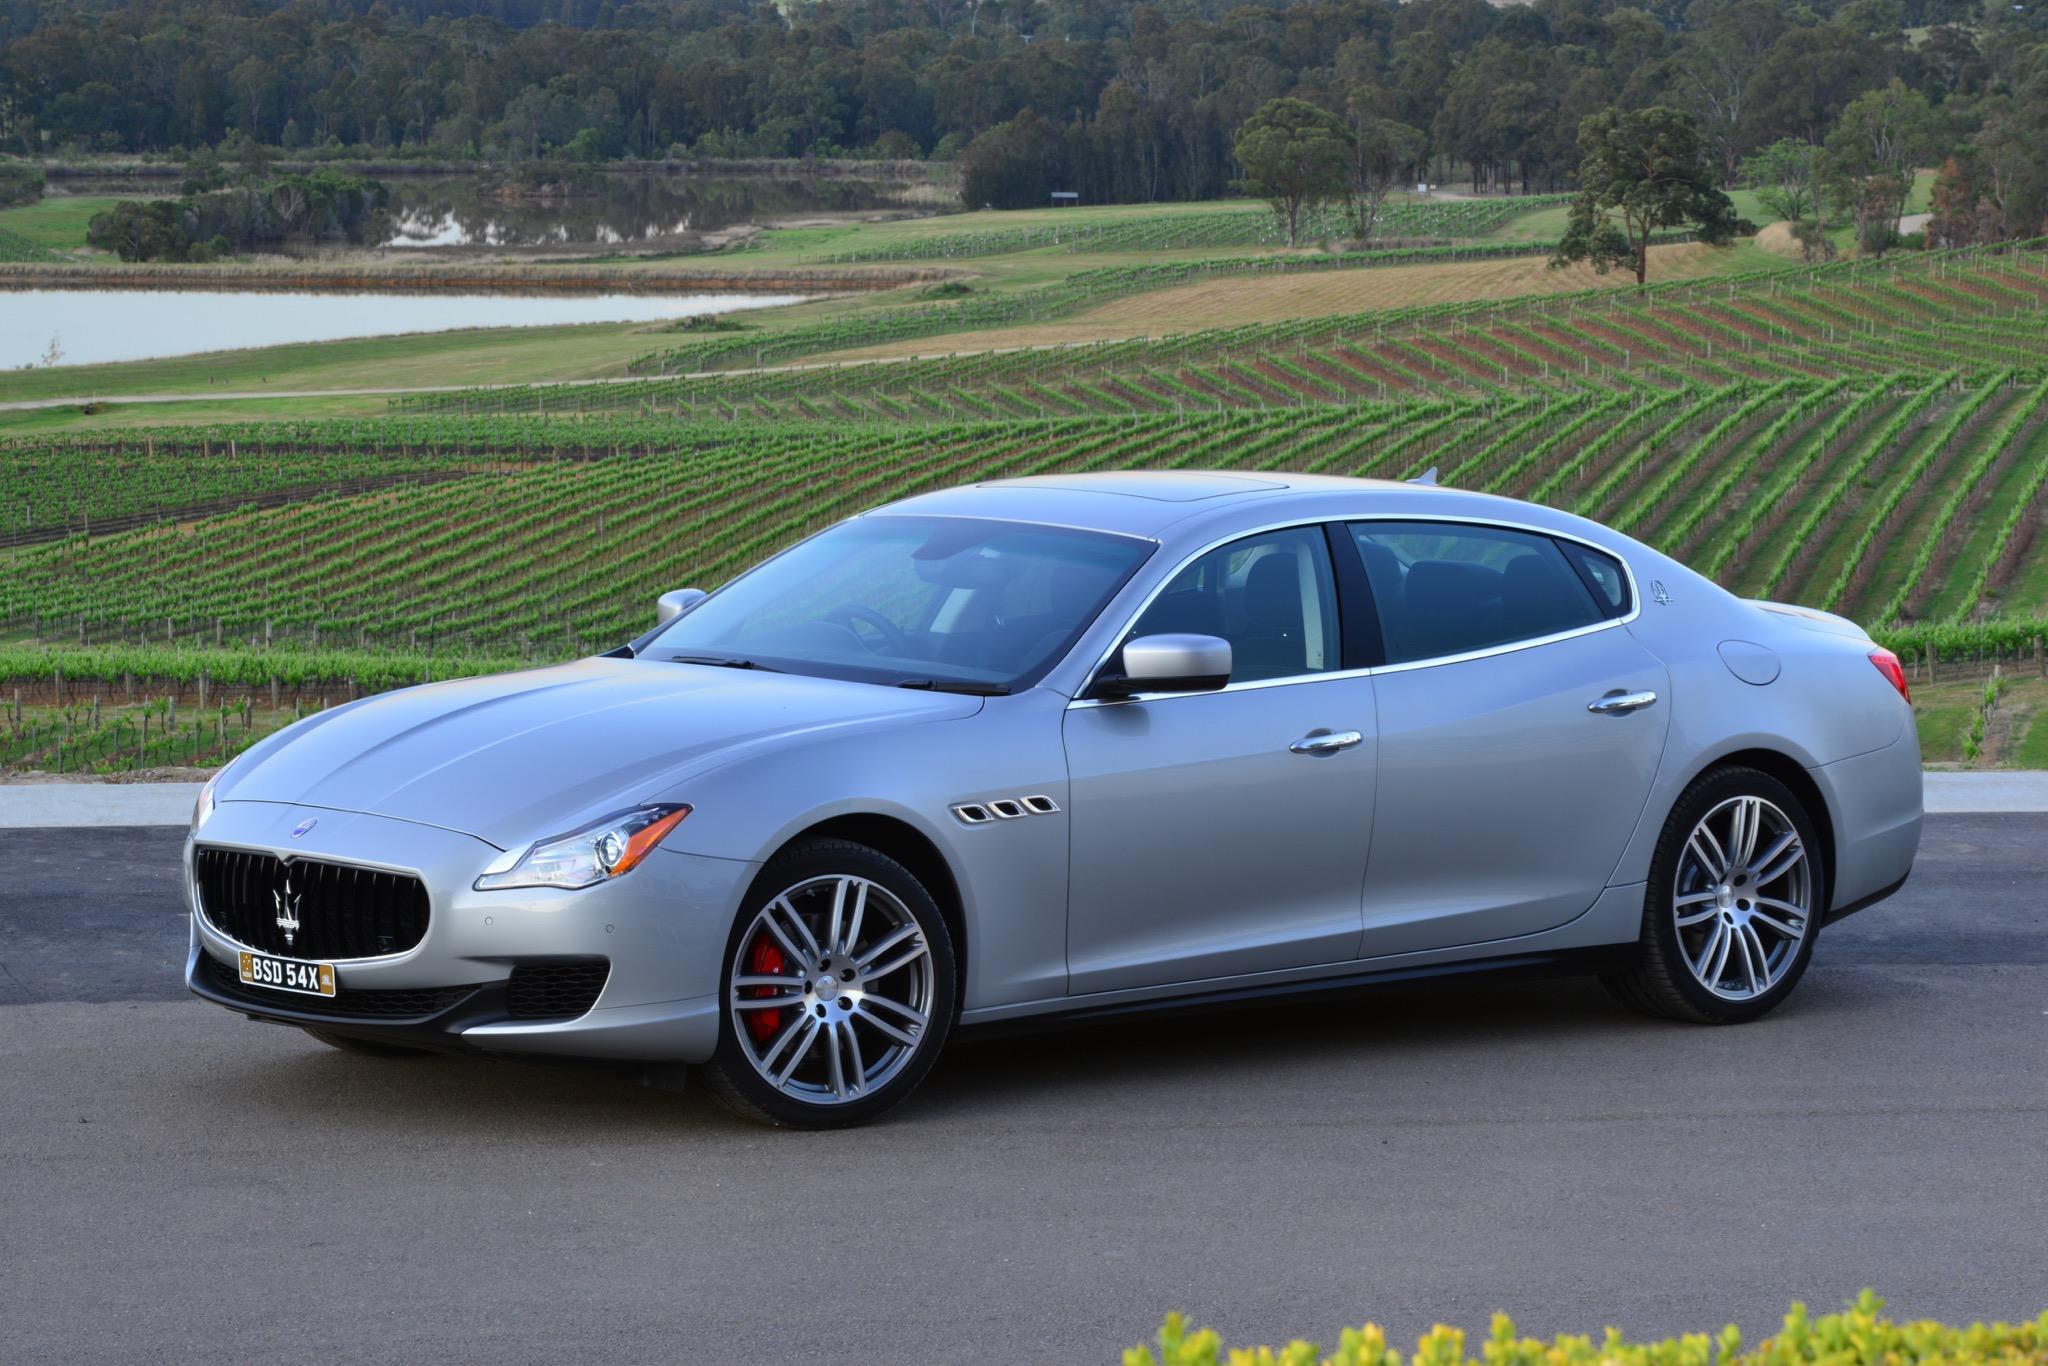 2015 Maserati Quattroporte >> 2016 Maserati Quattroporte Review - photos | CarAdvice